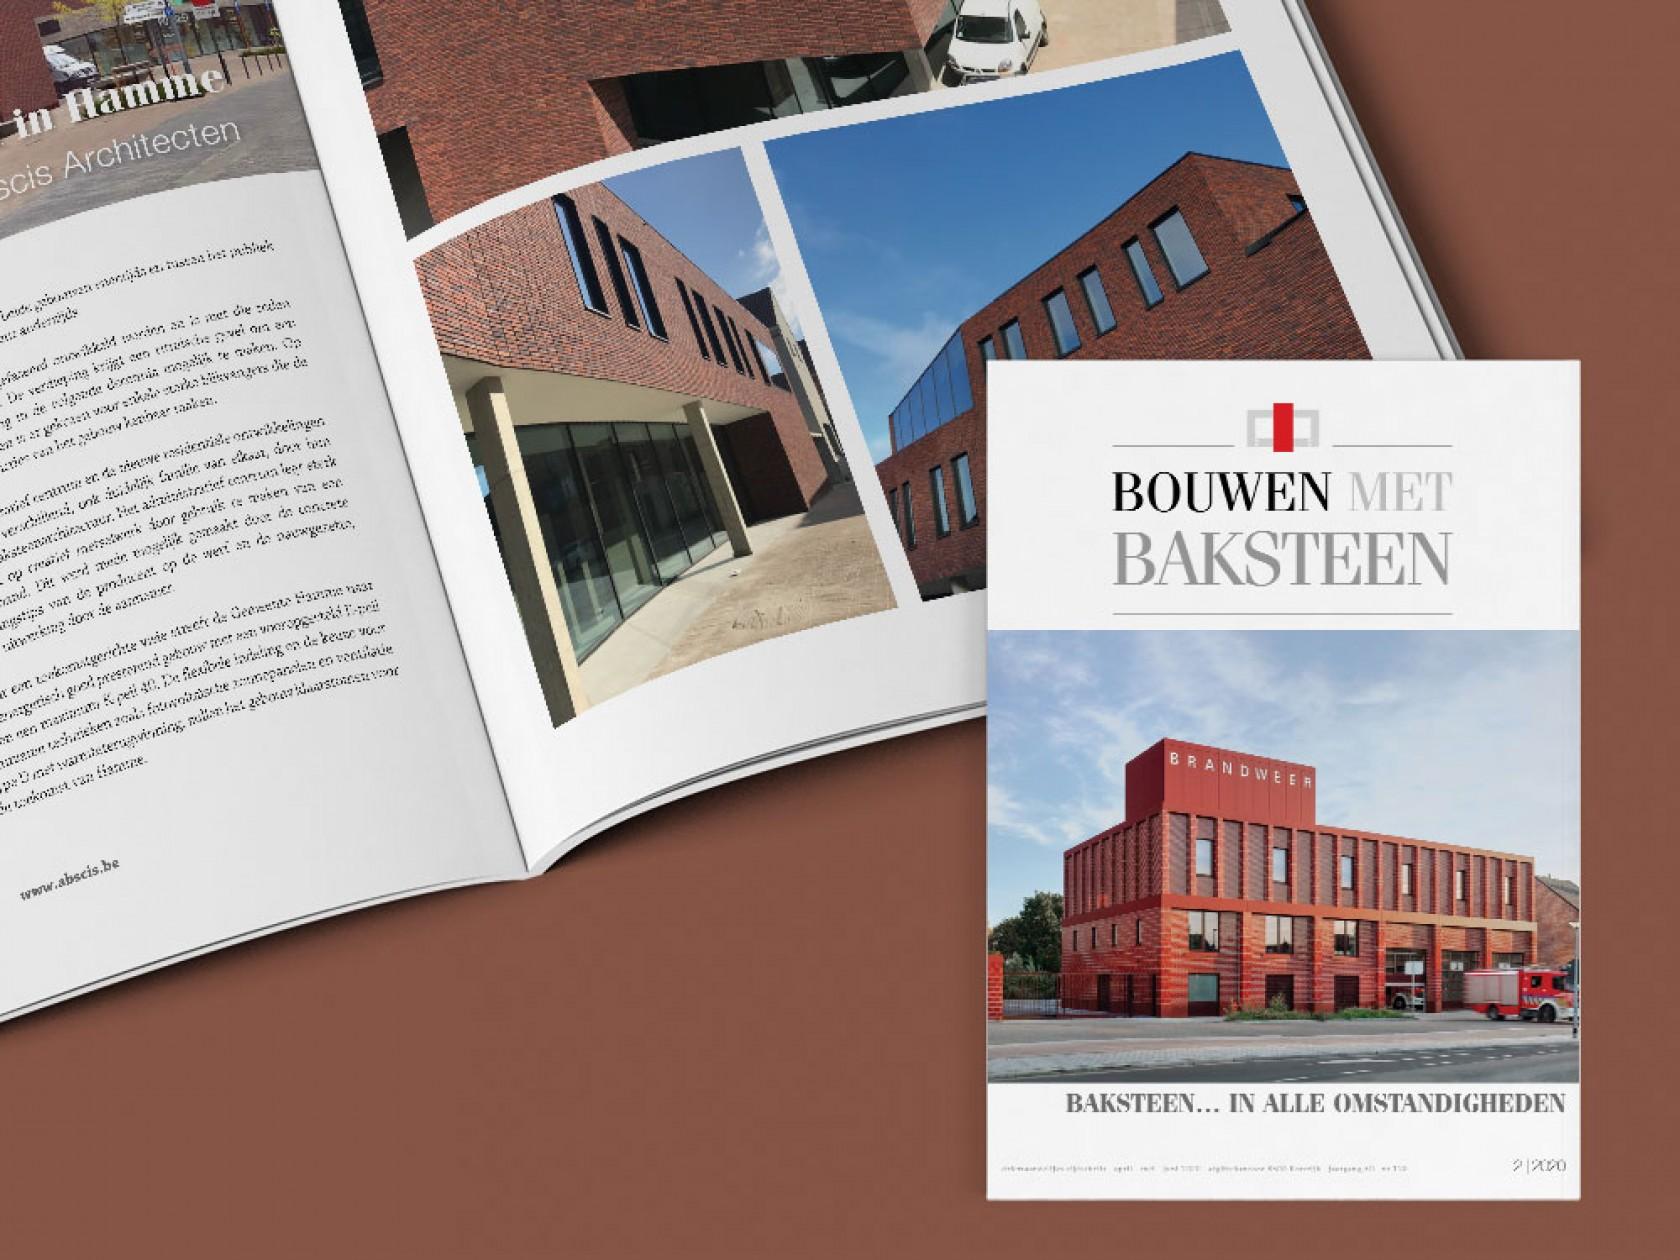 Abscis Architecten - Bouwen met Baksteen - juni 2020